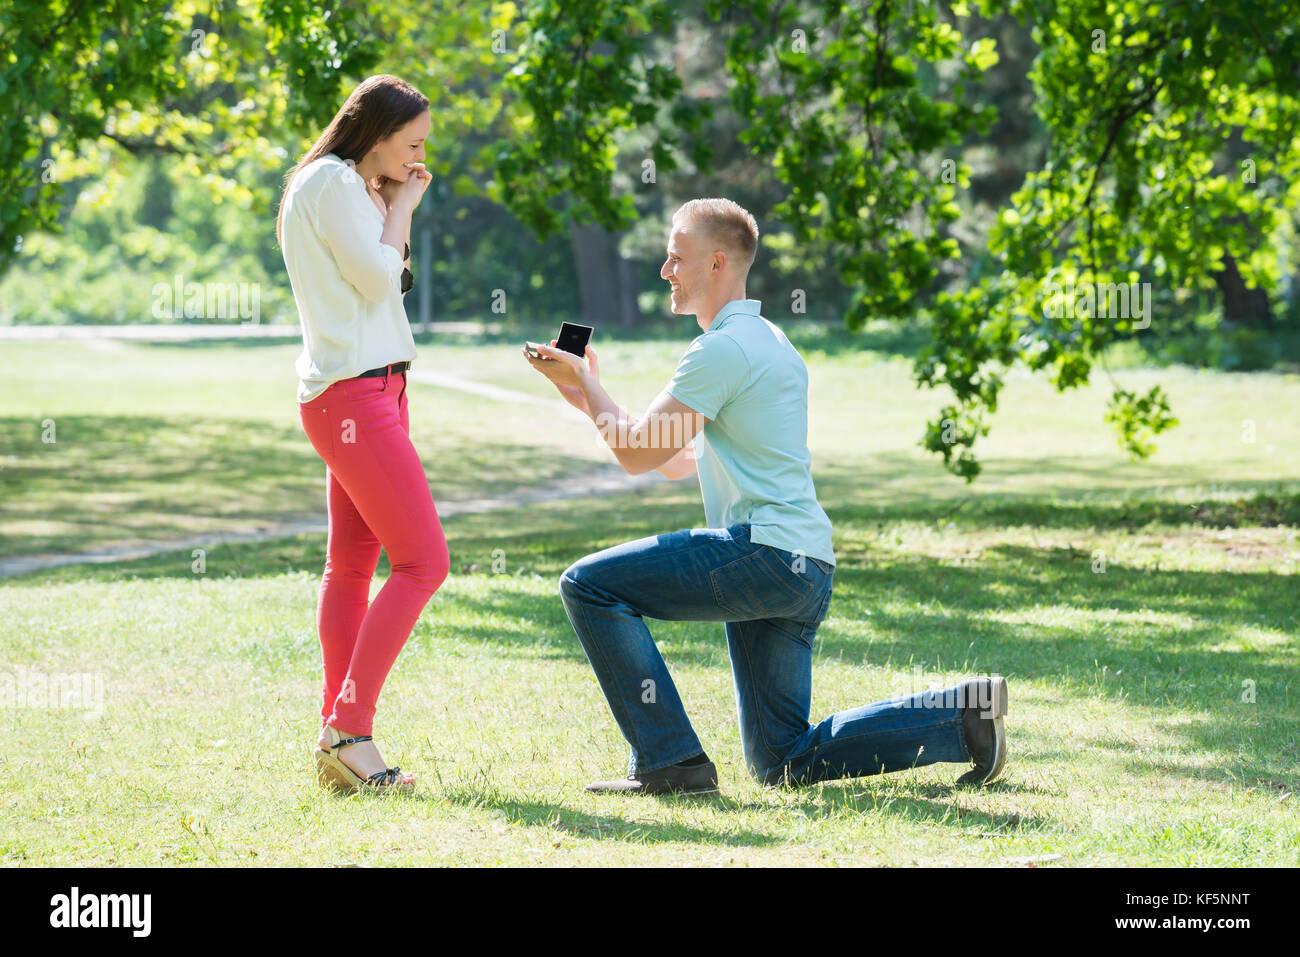 Hombre arrodillado y haciendo propuesta para mujer en estacionamiento Imagen De Stock